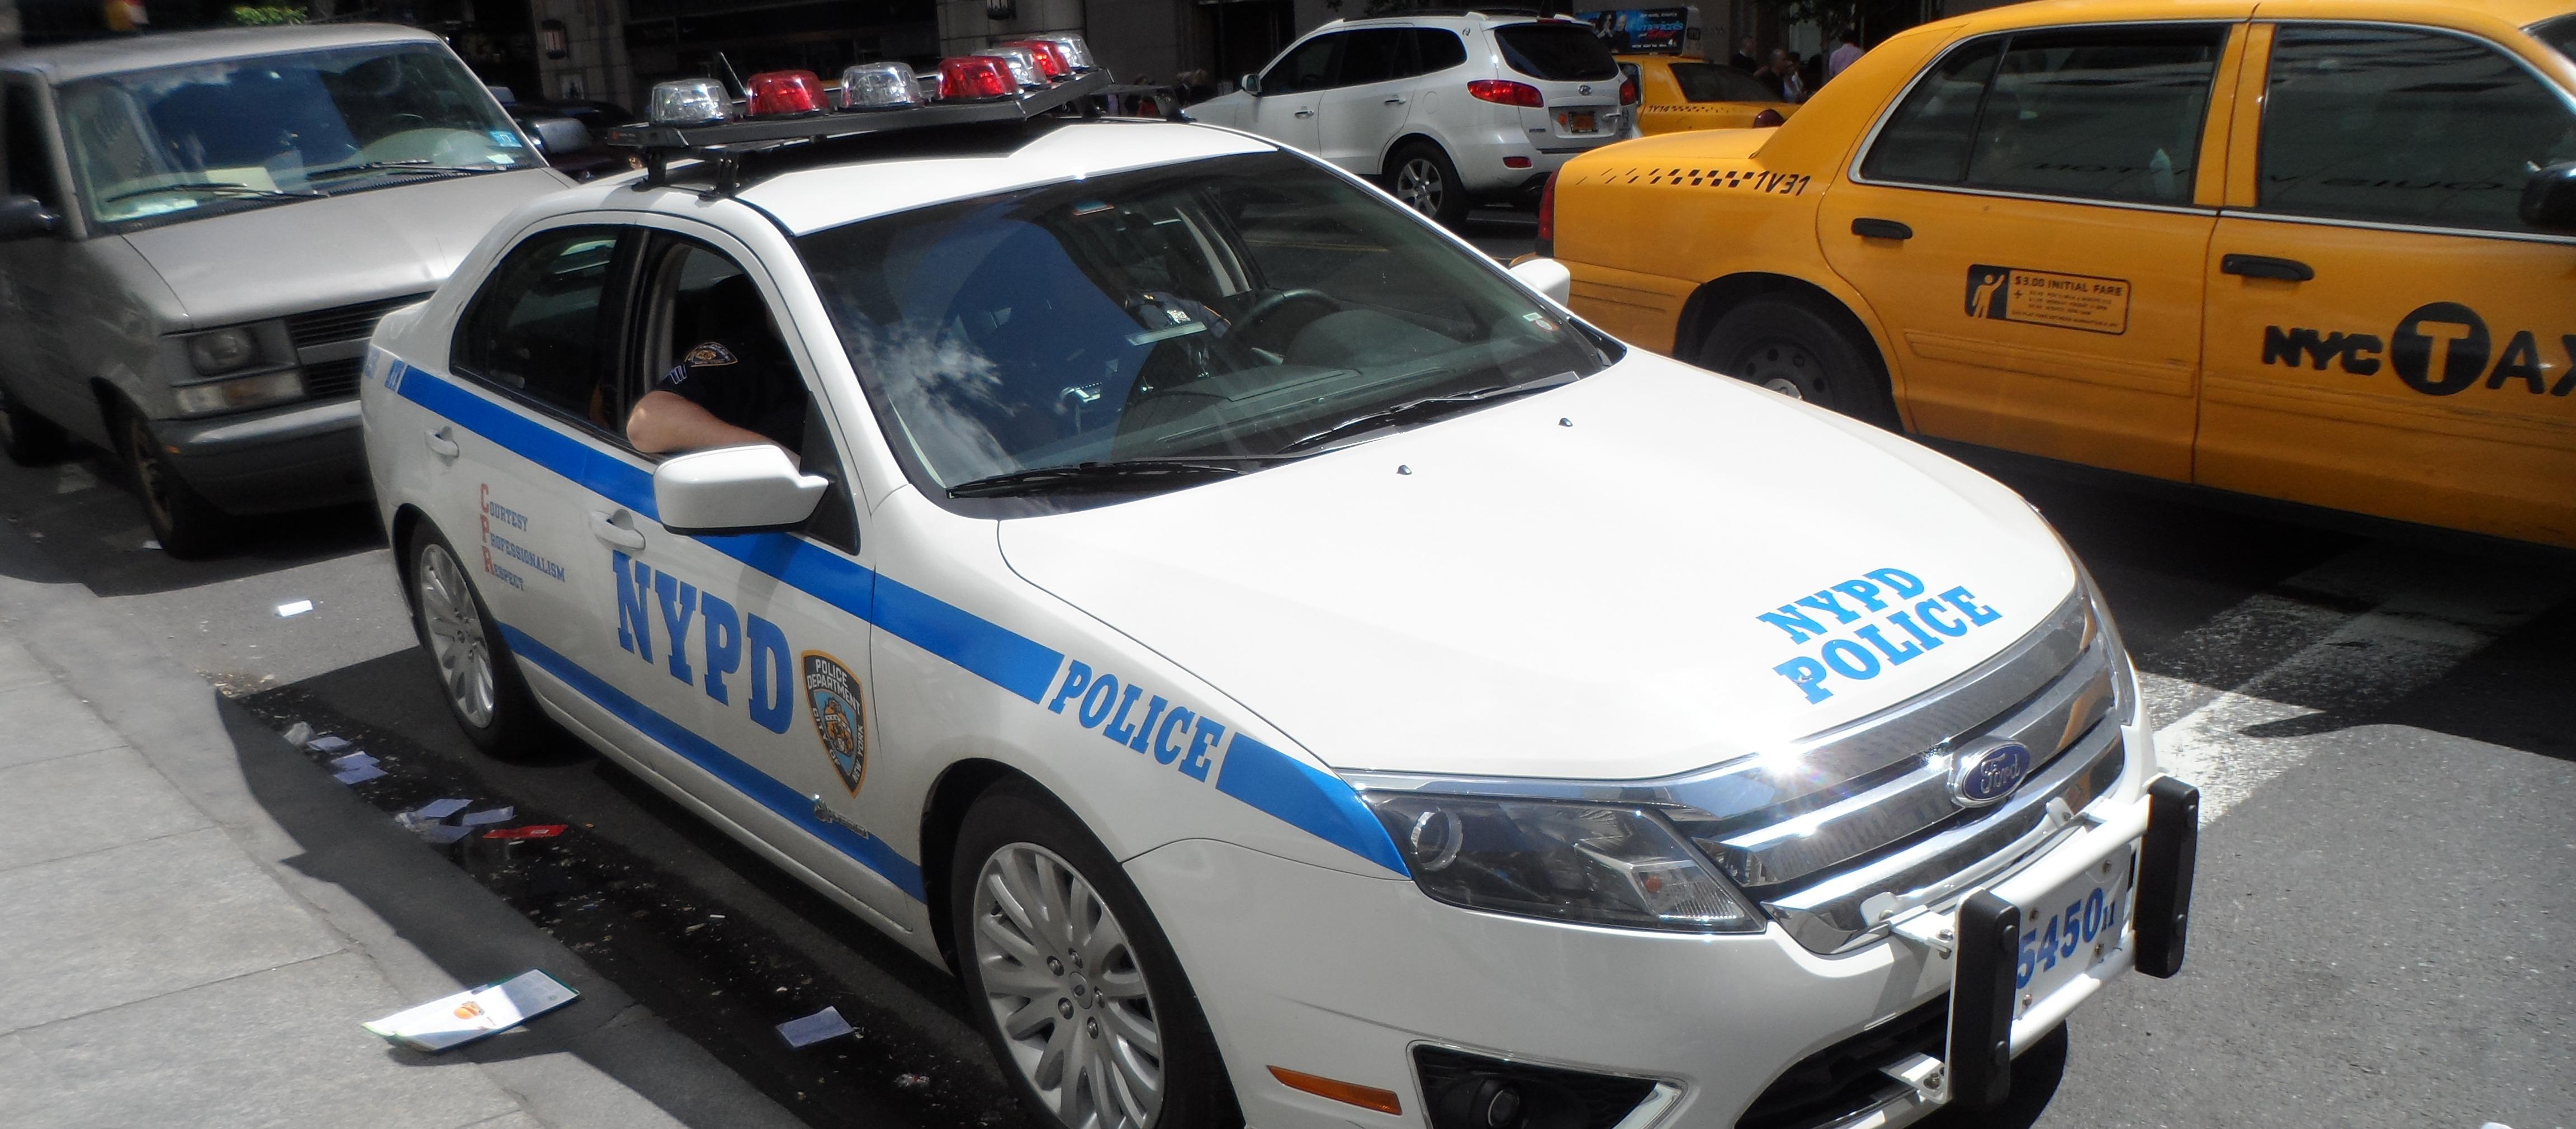 ALLO POLICE ?